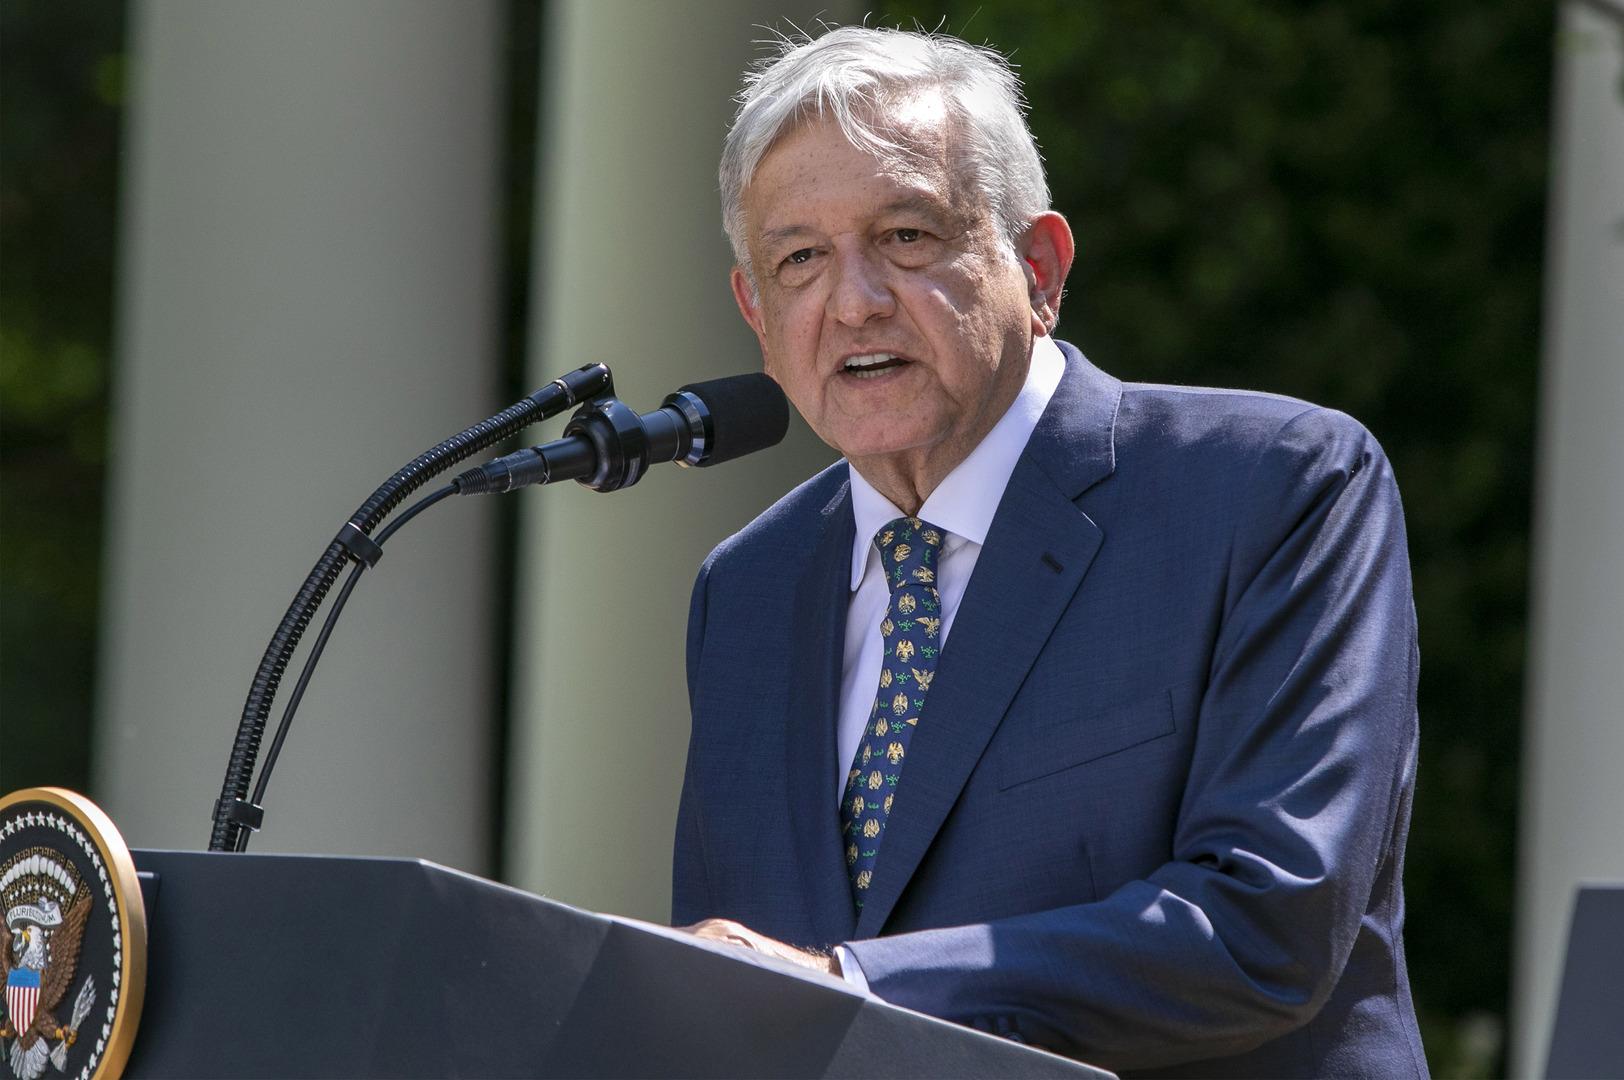 الرئيس المكسيكي يتنازل عن جزء من راتبه لدعم جهود محاربة كورونا